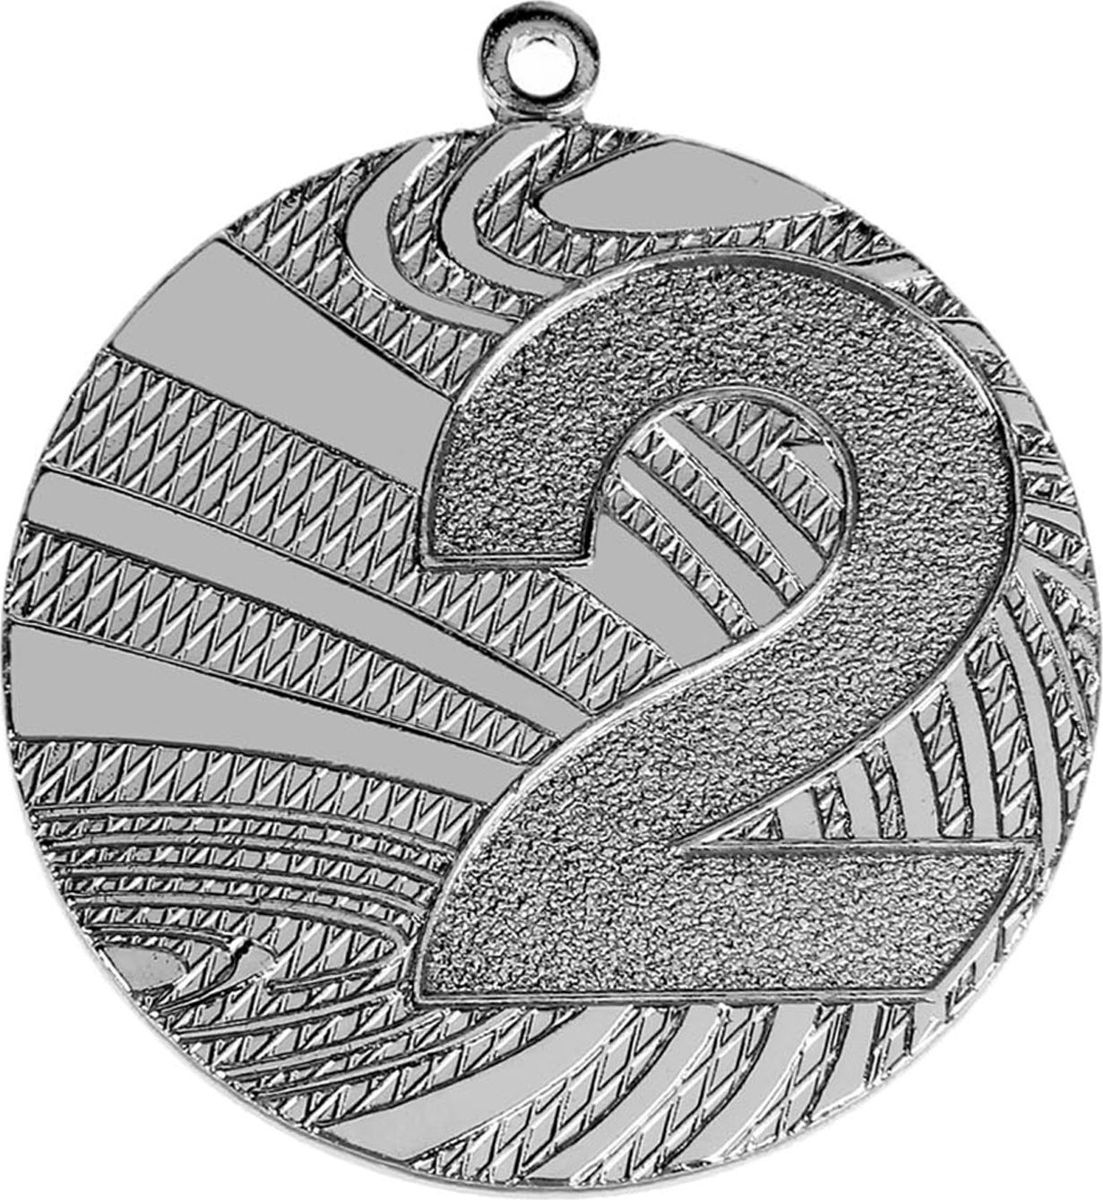 Медаль сувенирная 2 место, цвет: серебристый, диаметр 4 см. 0161028906Медаль — знак отличия, которым награждают самых достойных. Она вручается лишь тем, кто проявил настойчивость и волю к победе. Каждое достижение — это важное событие, которое должно остаться в памяти на долгие годы. Любое спортивное состязание, профессиональное или среди любителей, любое корпоративное мероприятие — отличный повод для того, чтобы отметить лучших из лучших. Характеристики:Диаметр медали: 4 см Диаметр вкладыша (оборот): 3,5 см.